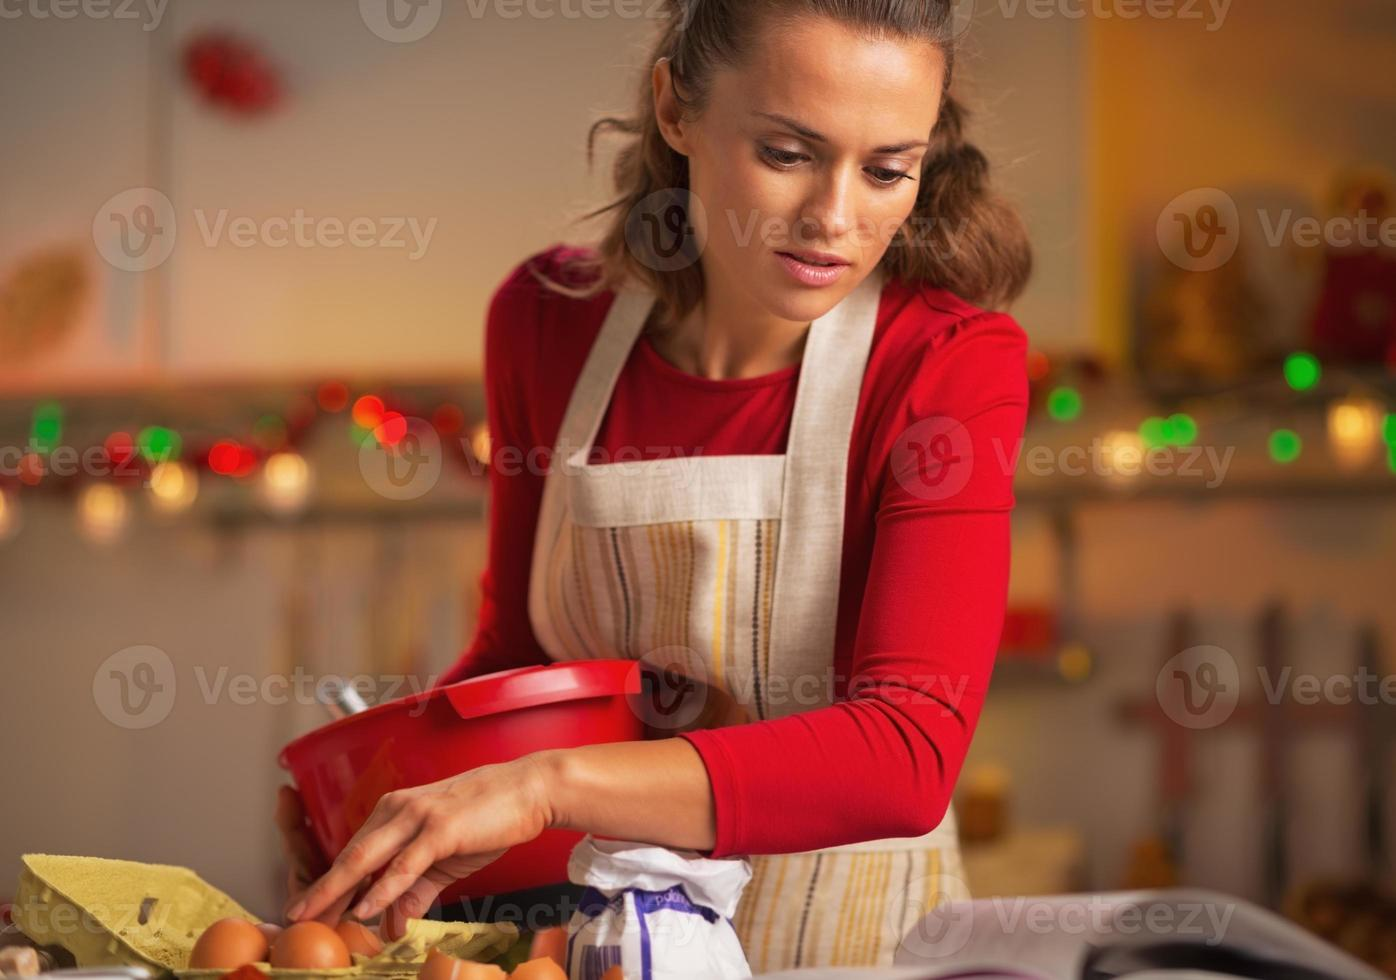 giovane casalinga che prepara la cena di Natale in cucina foto